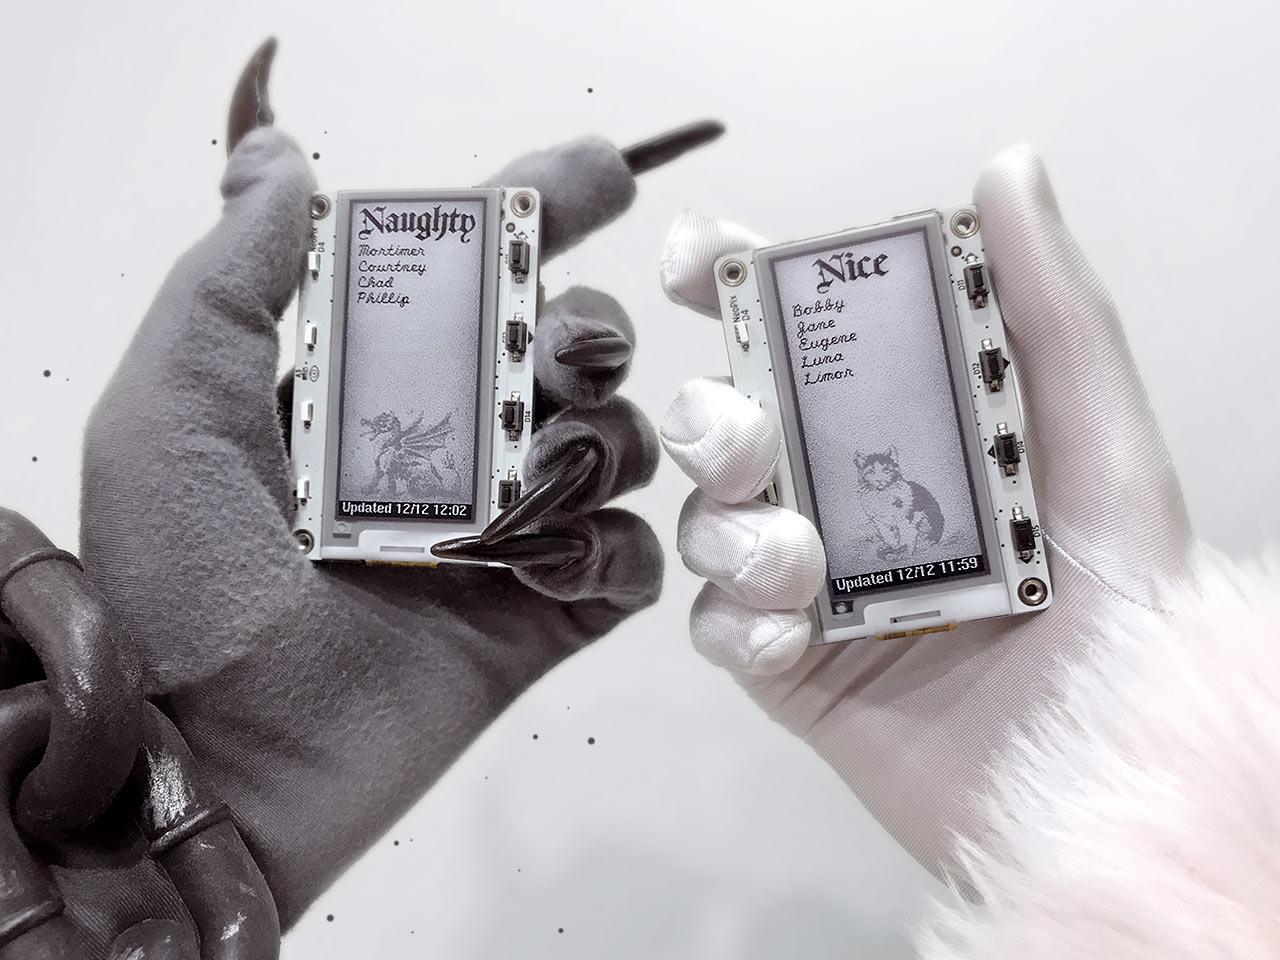 circuitpython_naughty-nice.jpg